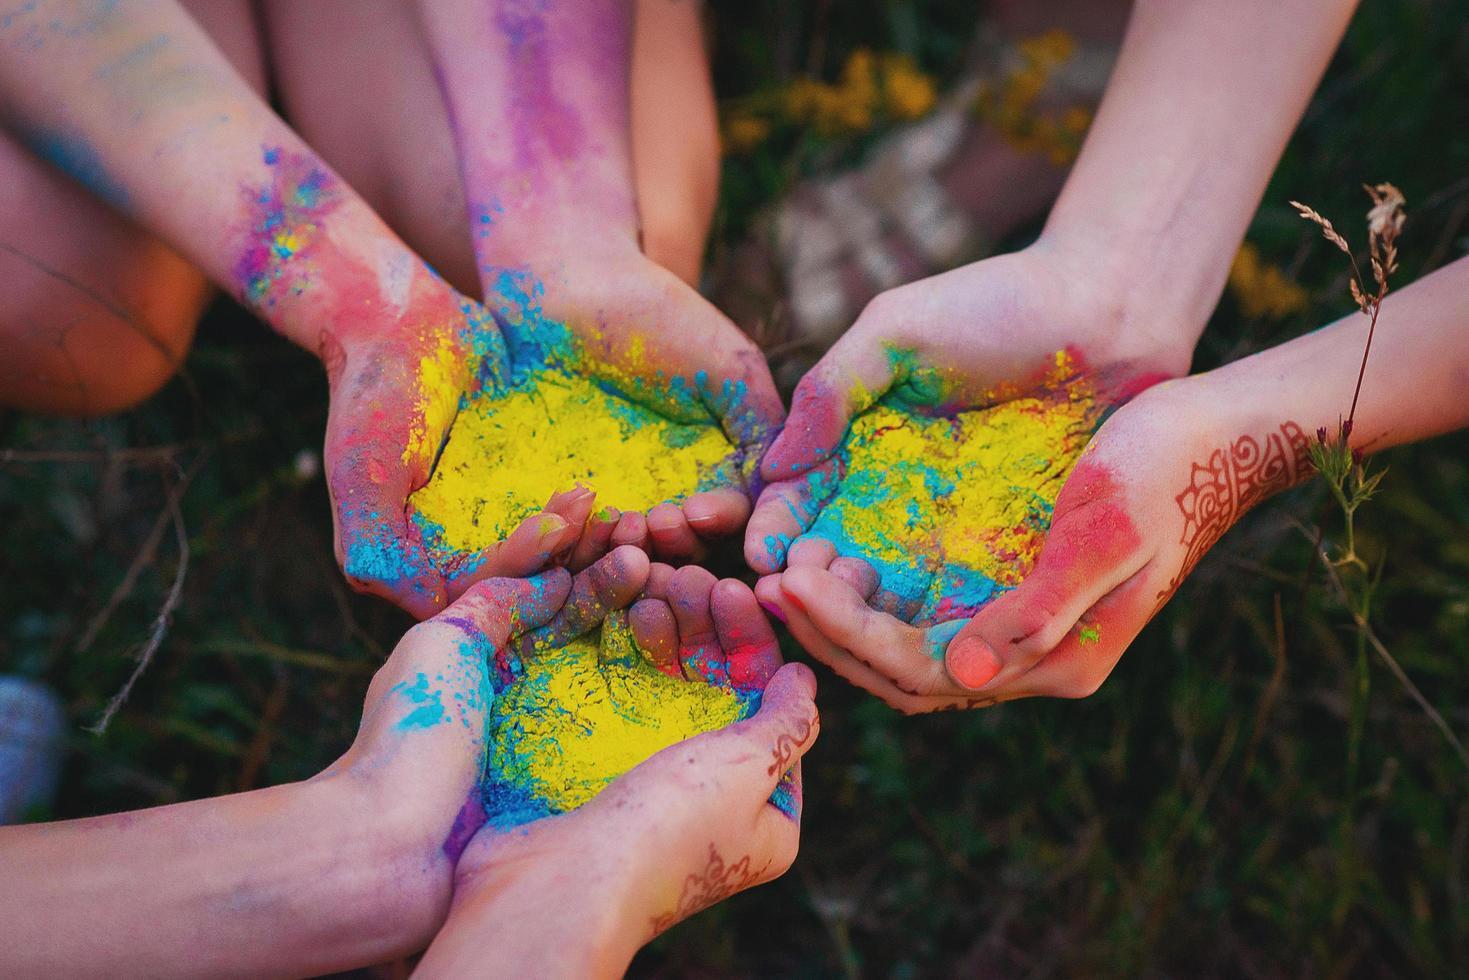 poudre colorante multicolore dans les mains au festival de houx. arc-en-ciel. photo